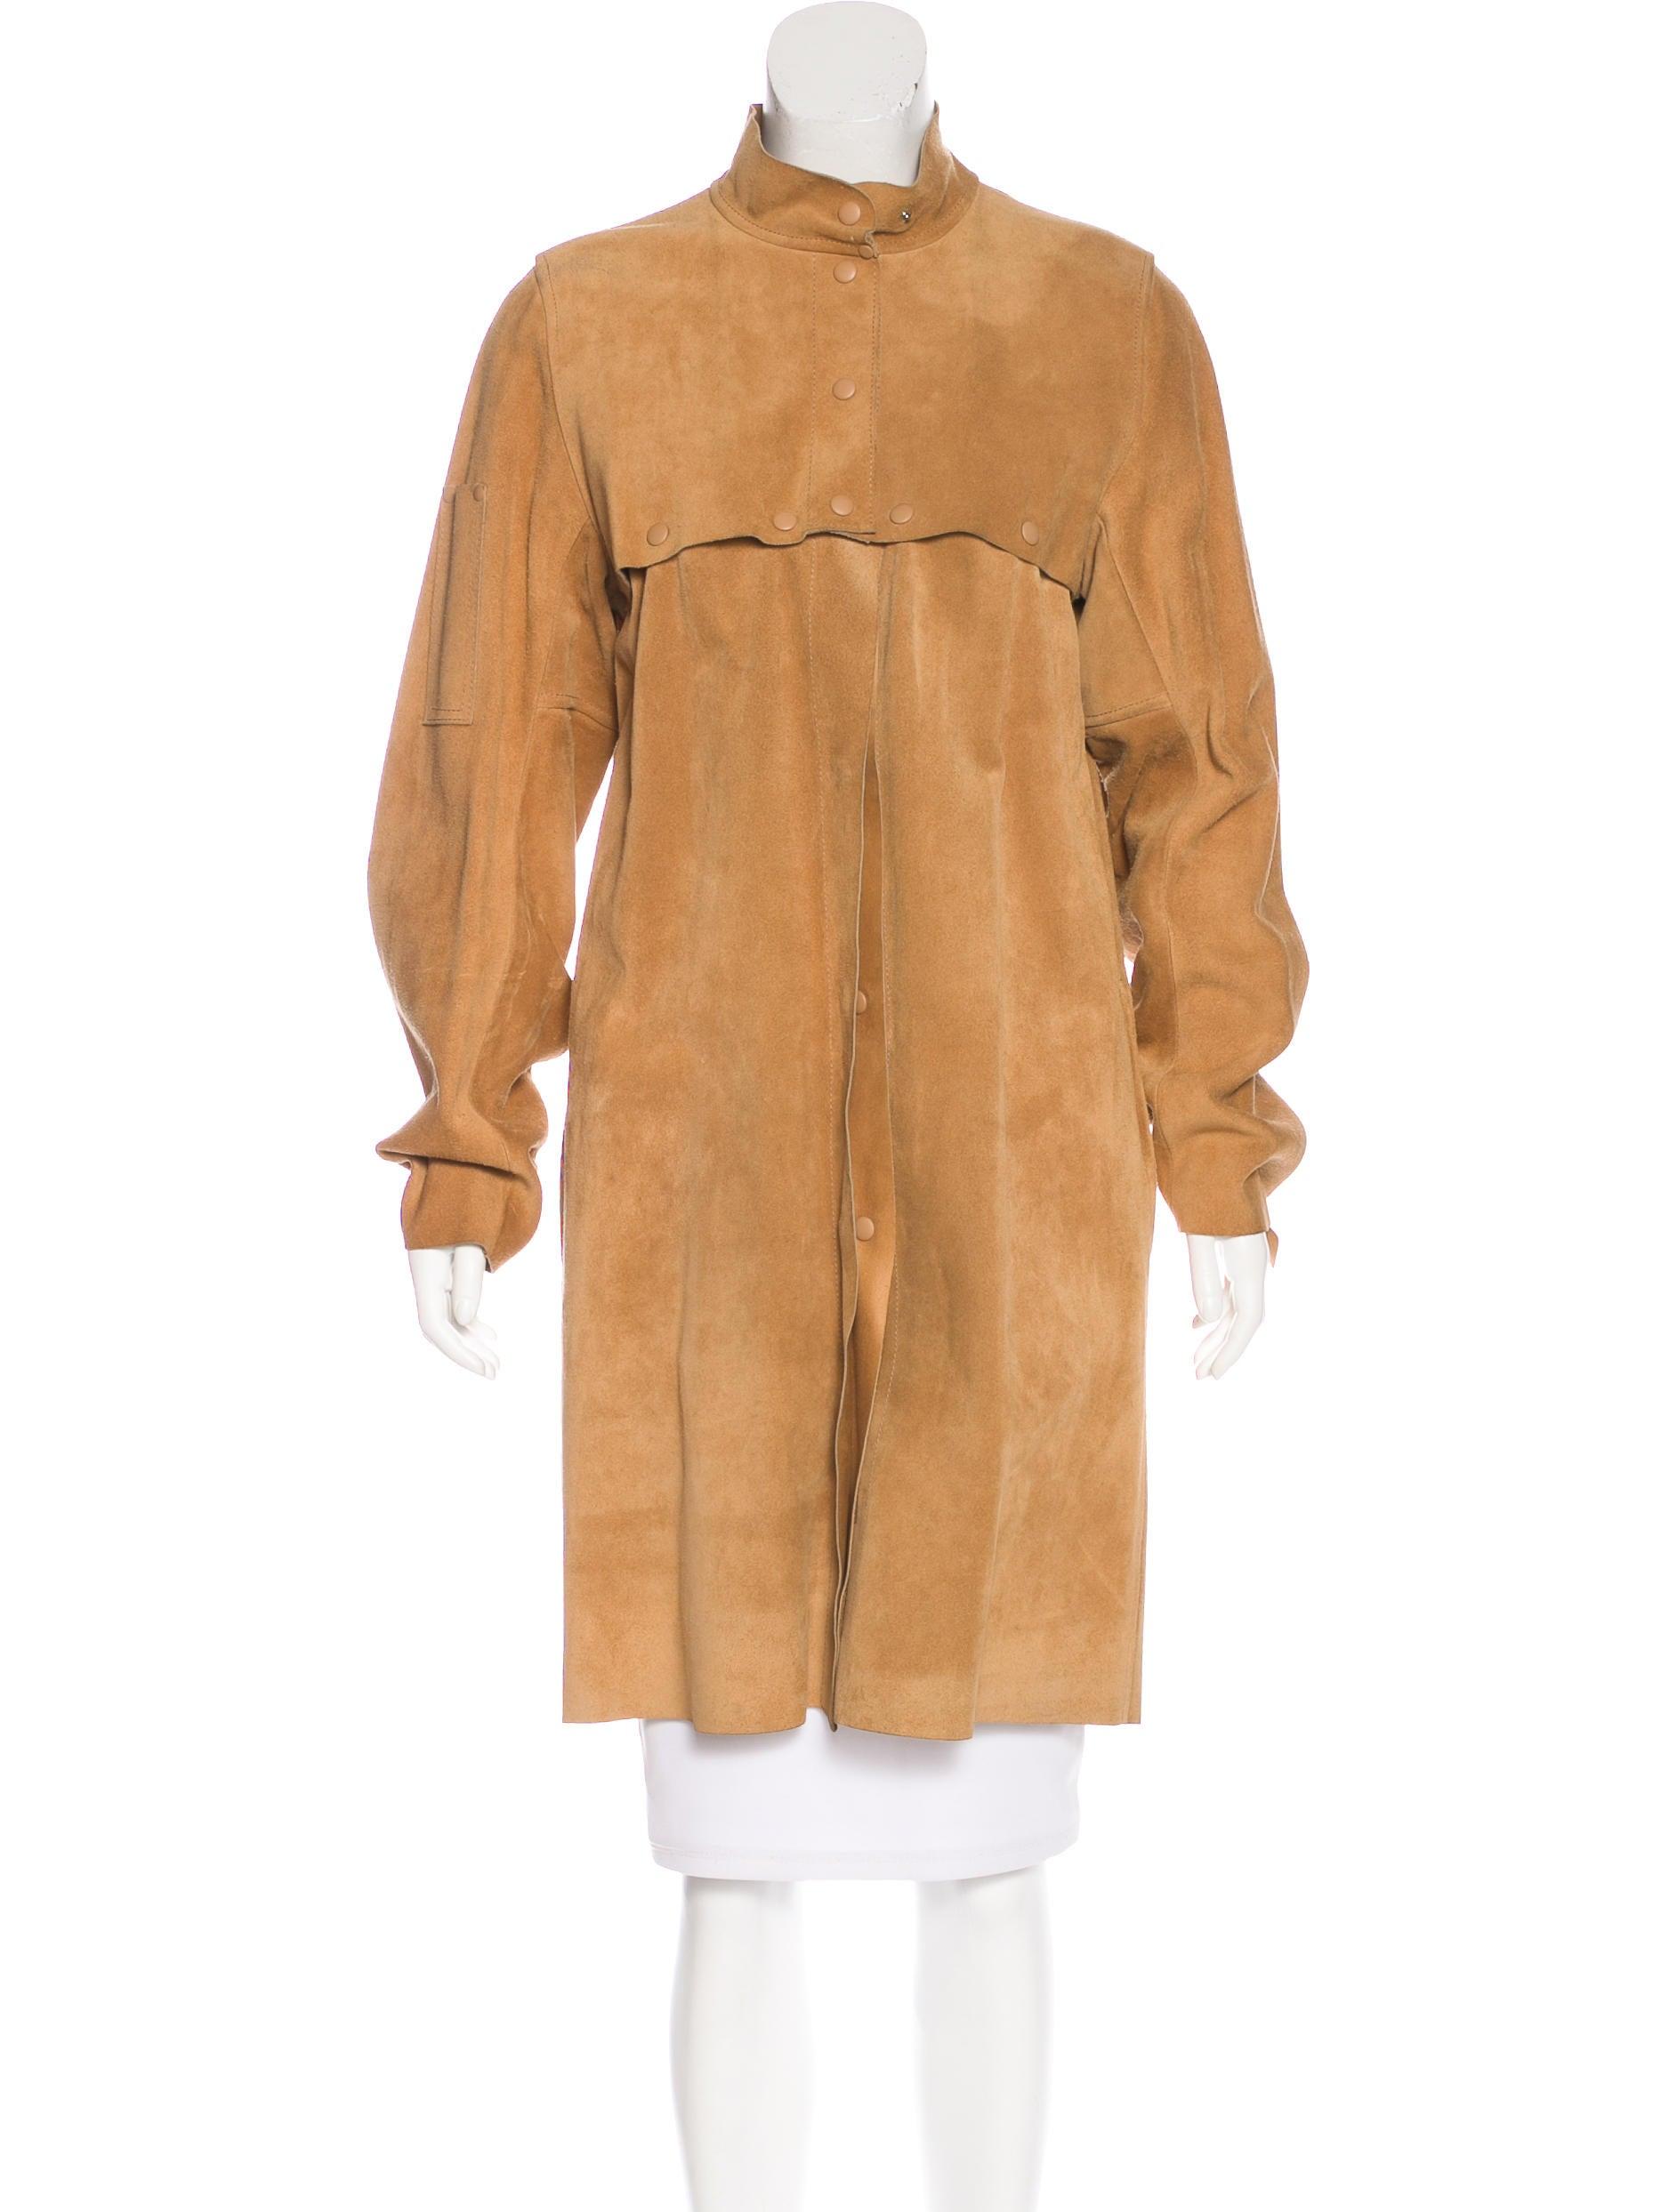 Maison Margiela Replica Welding Coat Clothing MAI